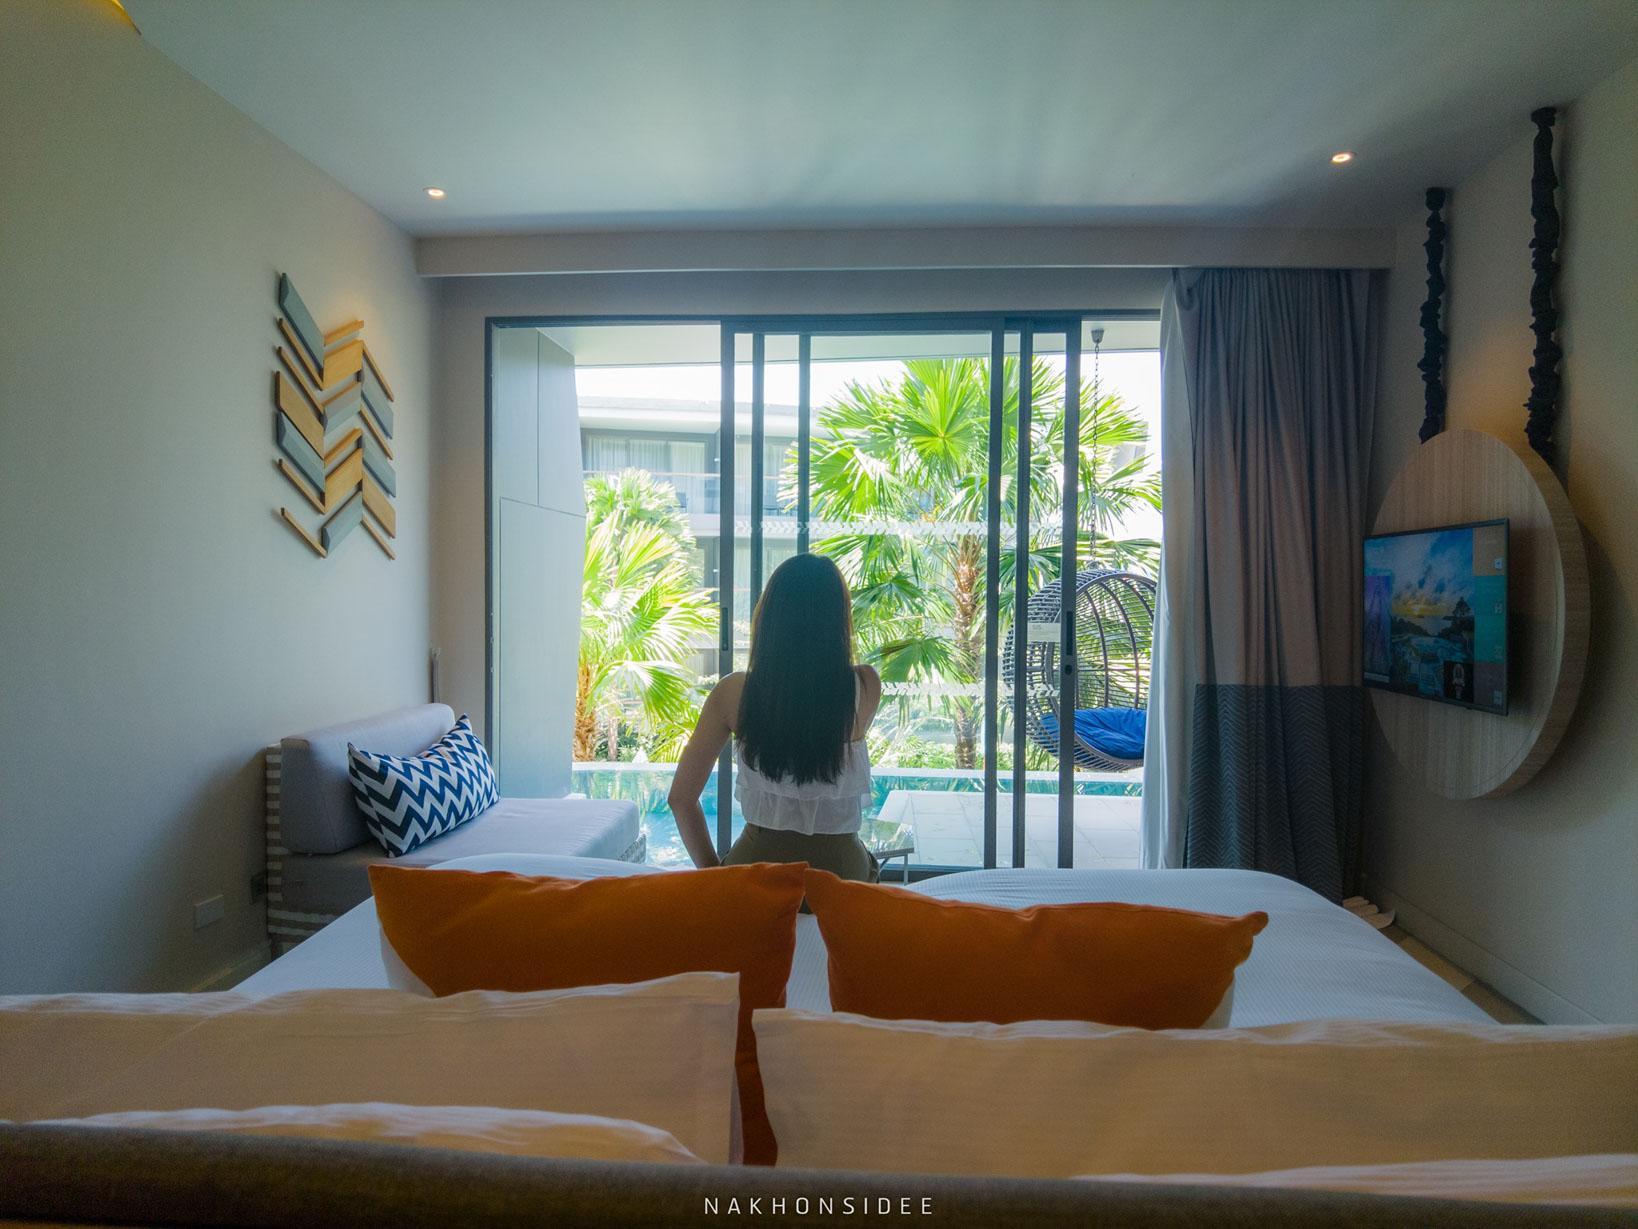 อันนี้ห้องพักแบบมีสระส่วนตัว  thesis,kata,ที่พักภูเก็ต,phuket,หาดกะตะ,เดอะซิสภูเก็ต